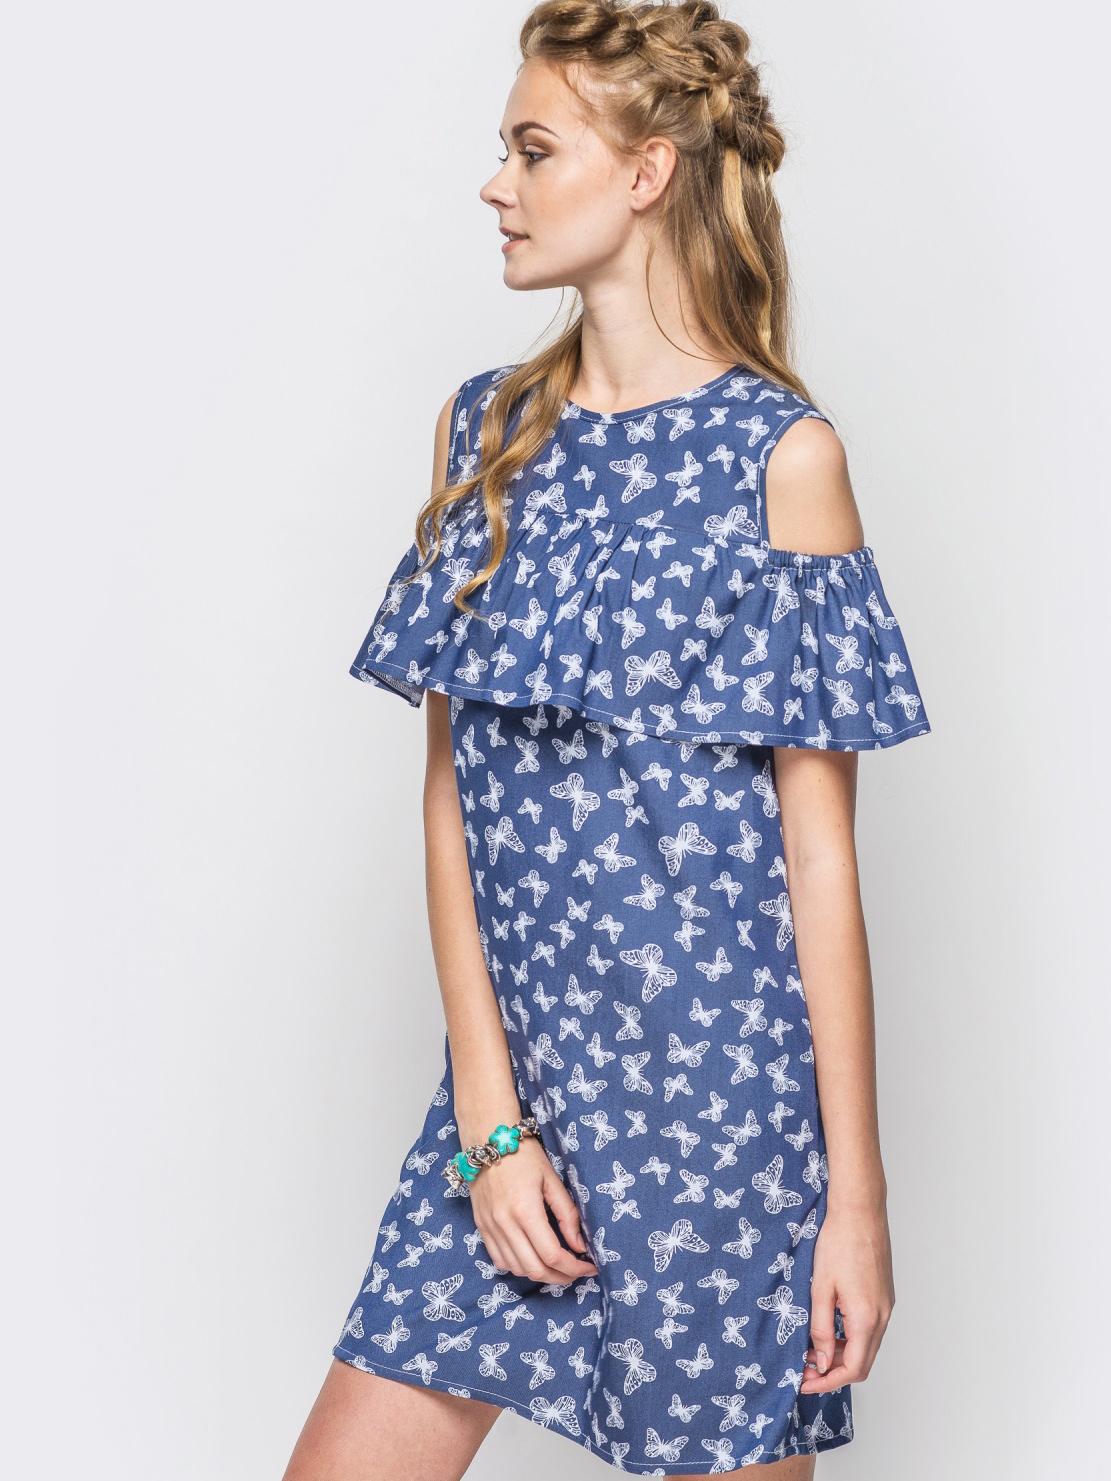 Летнее платье с открытыми плечами в принт 12602, фото 1